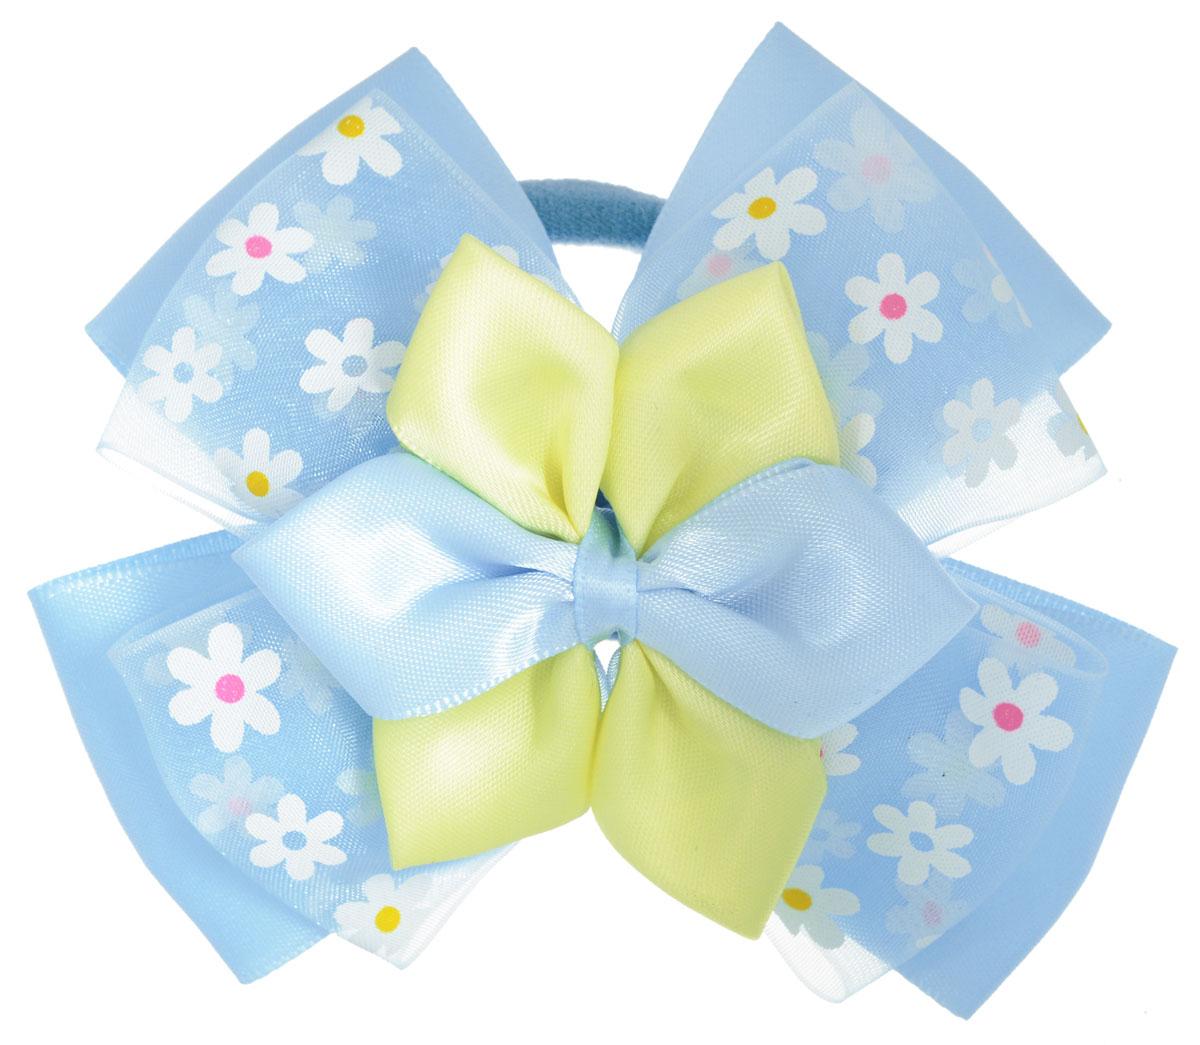 Baby's Joy Резинка для волос цвет голубой желтый AL 971